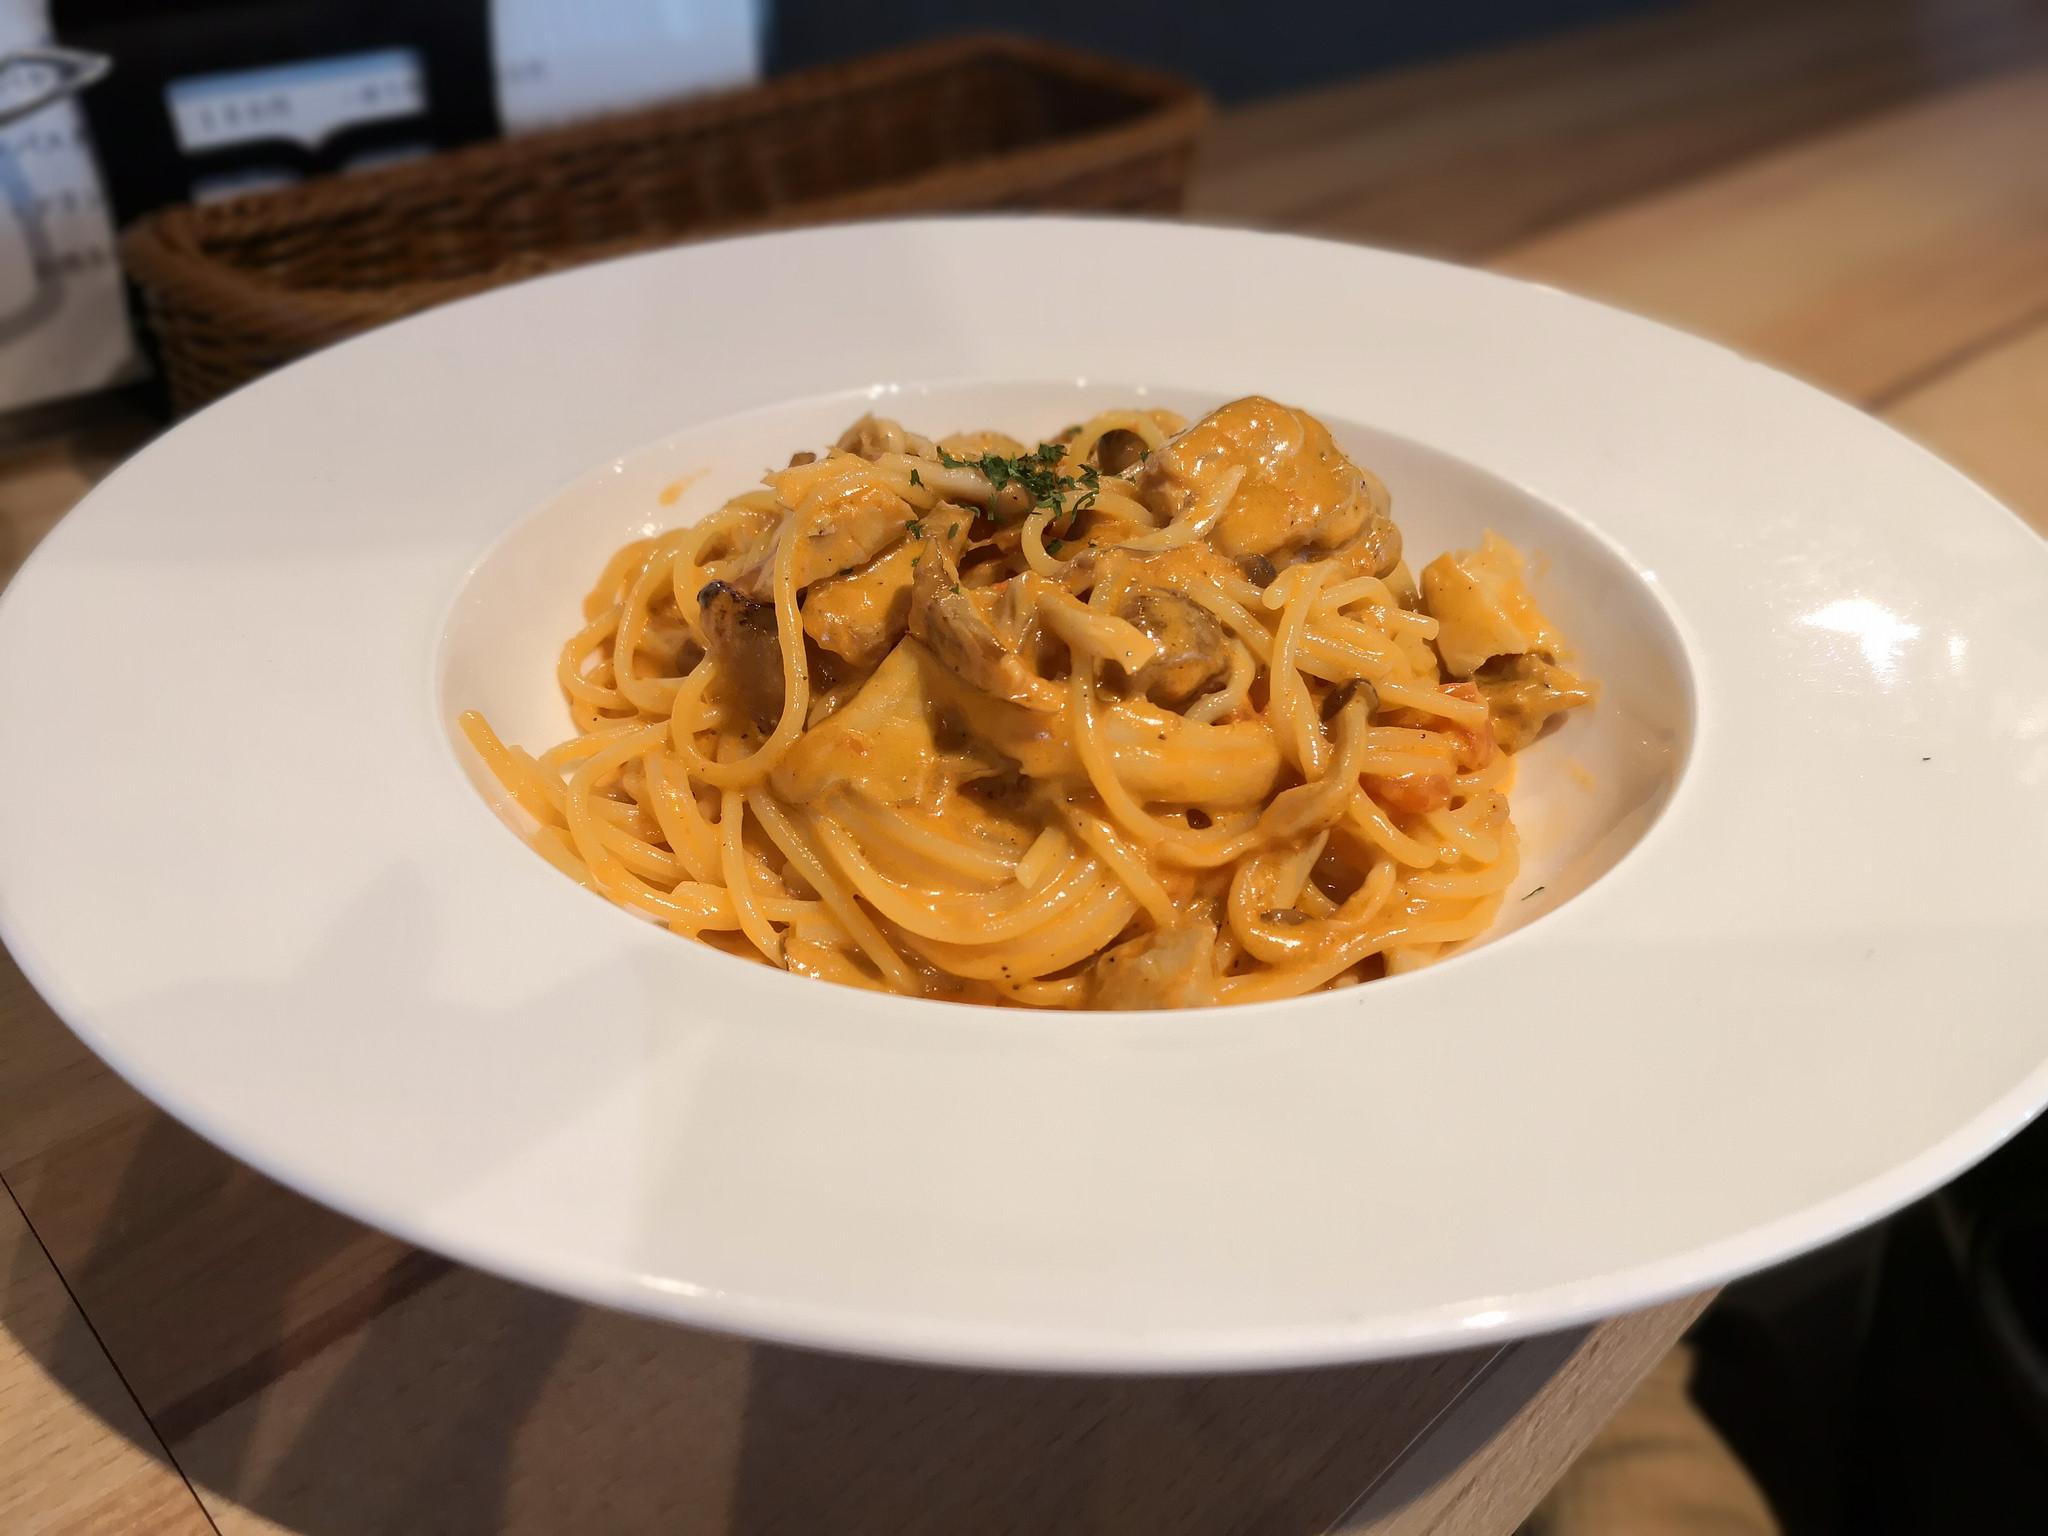 【五反田】casual dining One@コスパランチは量も味も十分。夜はおひとりさまにも優しく、使い勝手がよさそう。